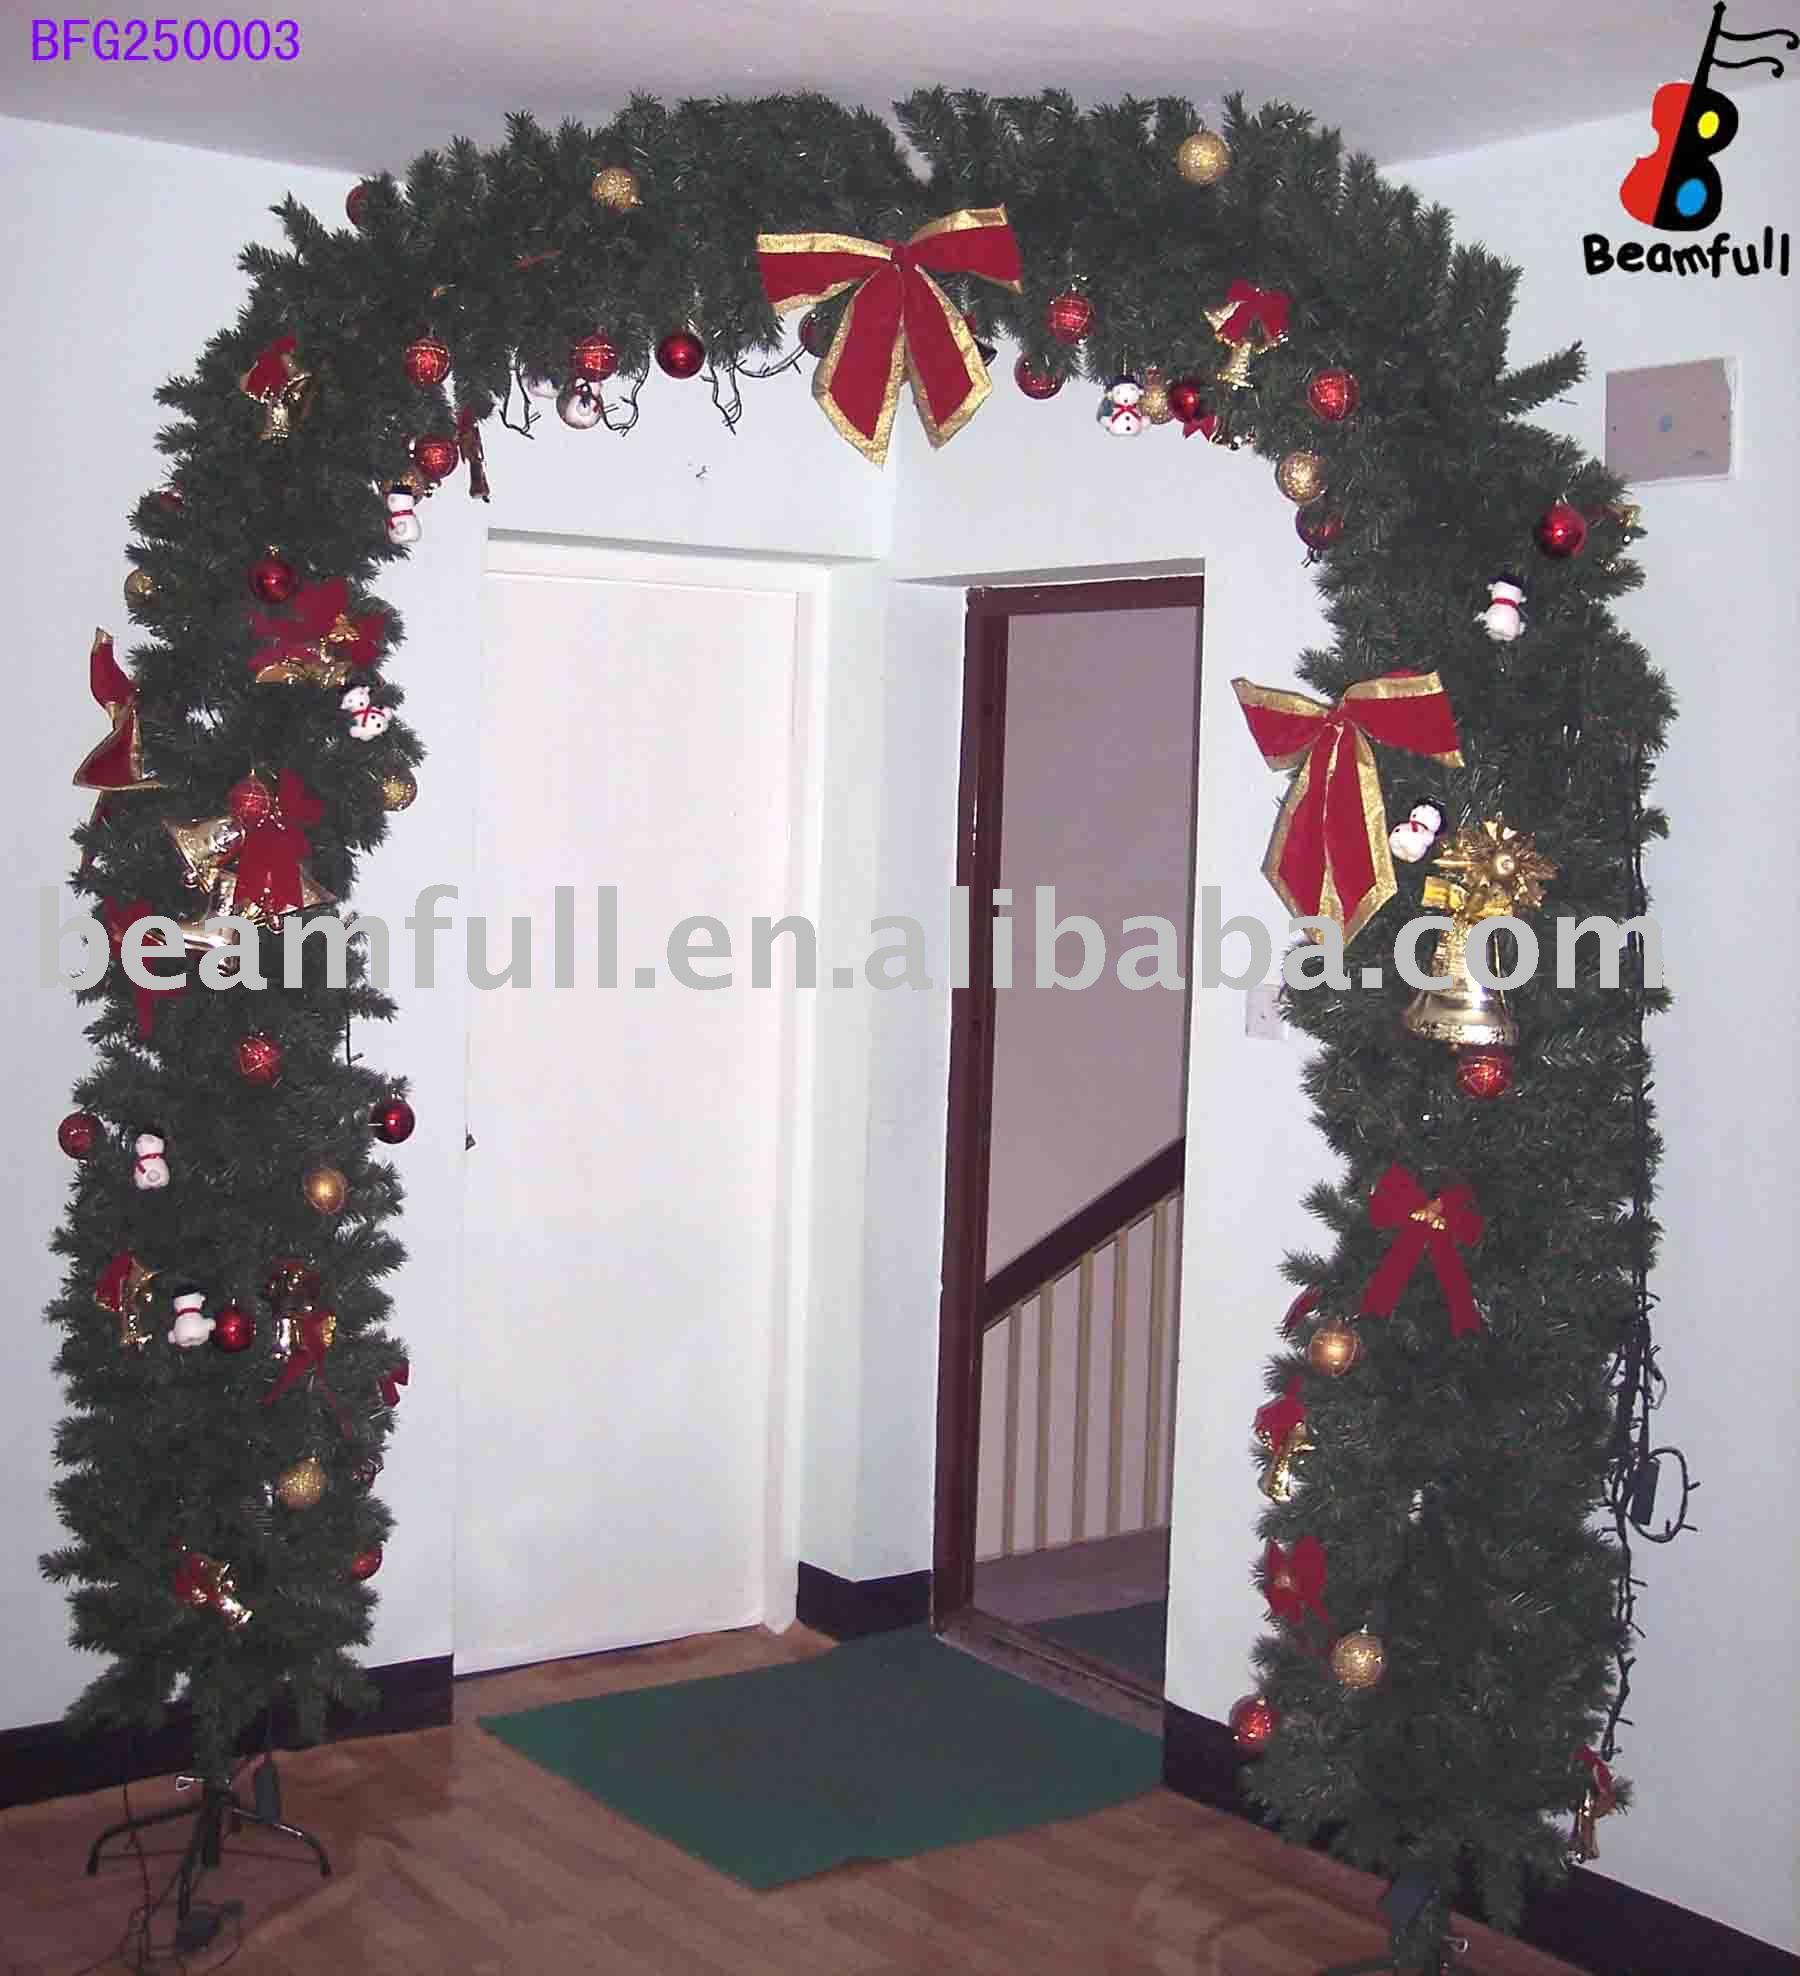 Puerta guirnalda de la navidad guirnalda de navidad - Decoracion de guirnaldas ...